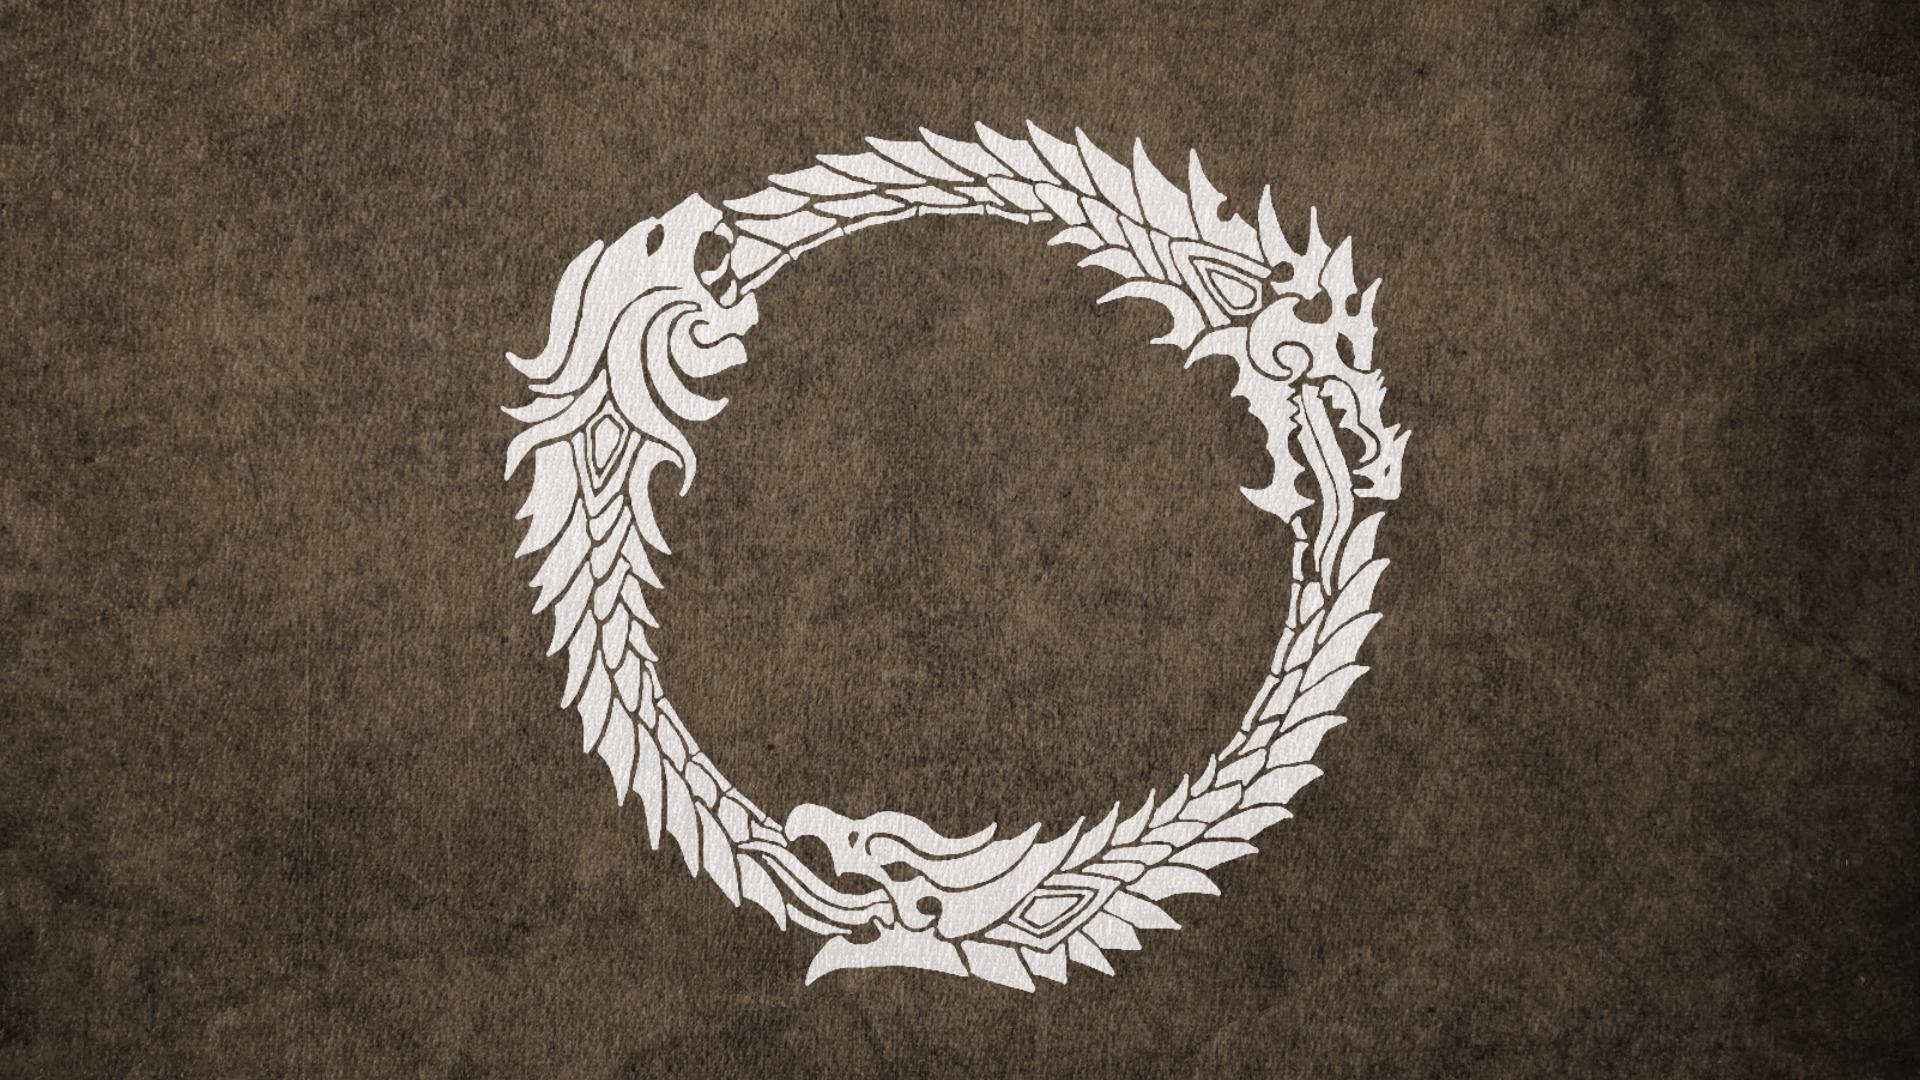 Elder Scrolls Online Logo Wallpaper Wiring Diagrams Audio Gt Filters Automatic Level Control With Ne570 L11794 Fan Art Wiki Rh Elderscrollsonline Fextralife Com Archer